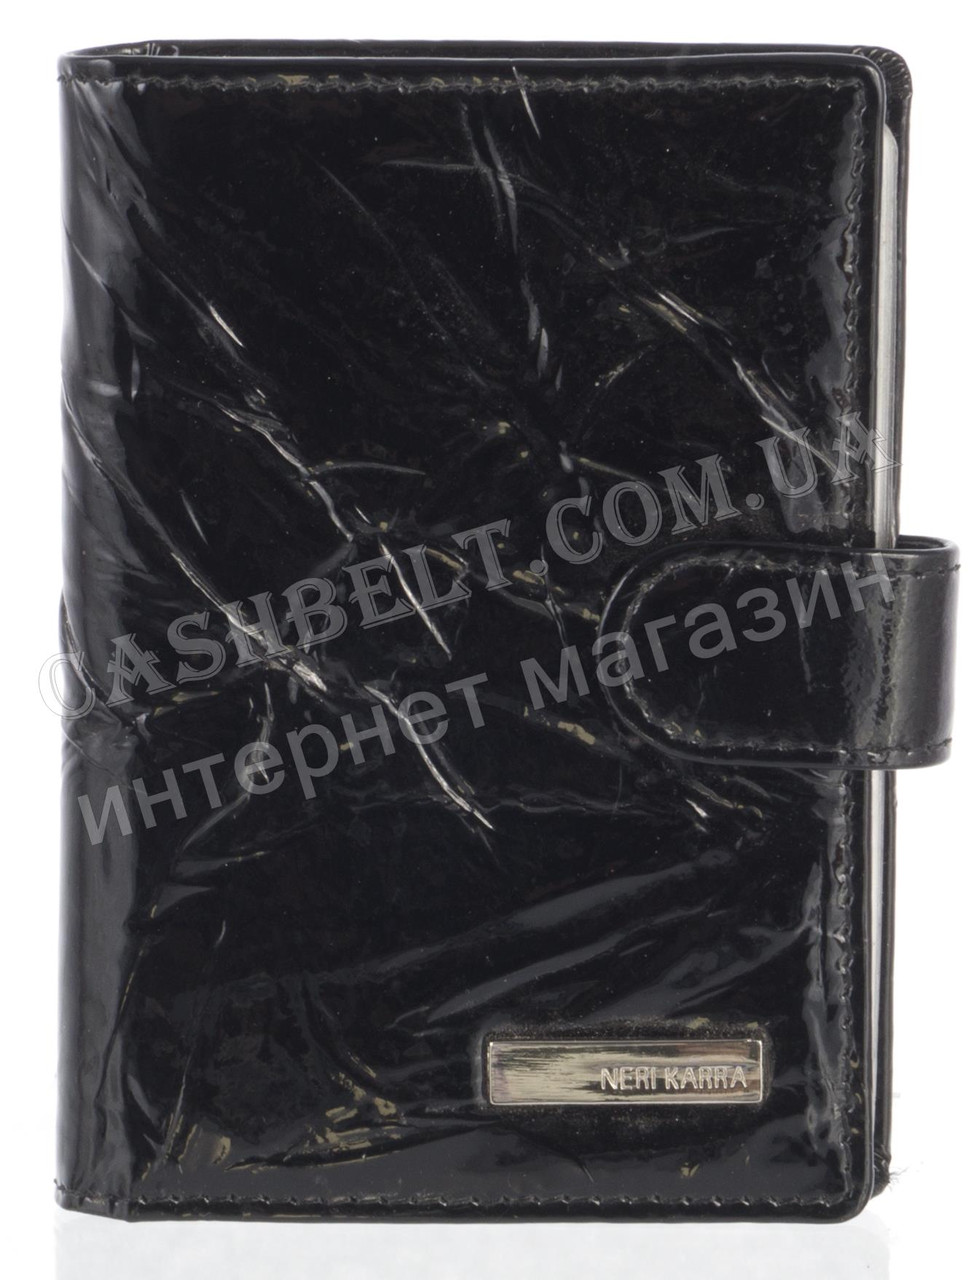 Кожаная лаковая стильная прочная визитница под кожу рептилии NERI KARRA art. 23318-T24BB черный